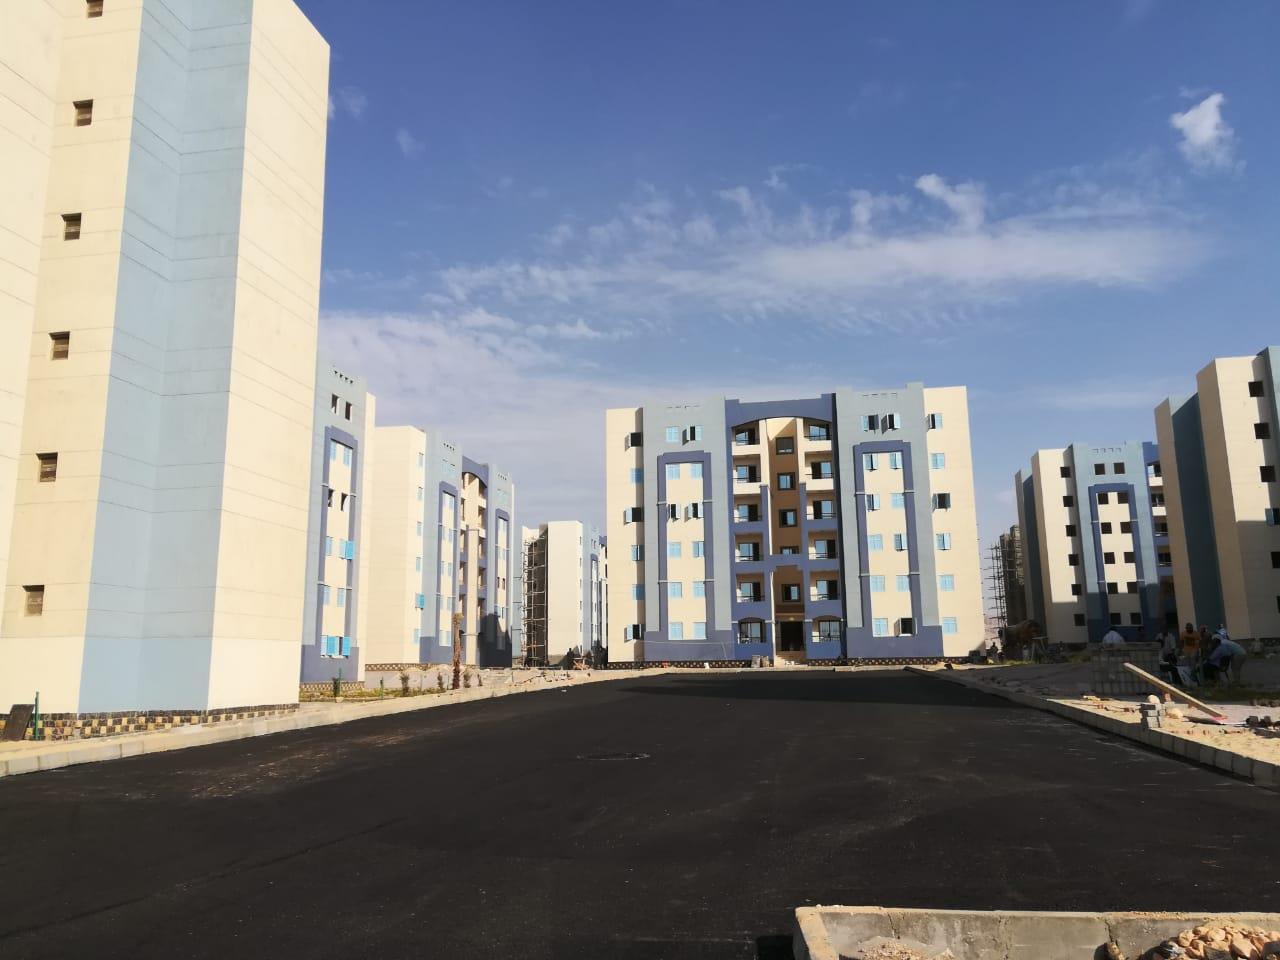 """بـ 14 ألف جنيه فقط"""" شقة لكل مواطن بتعليمات الرئيس والإسكان الإجتماعي يستعد لطرح الإعلان الـ14 و100 ألف شقة 4"""